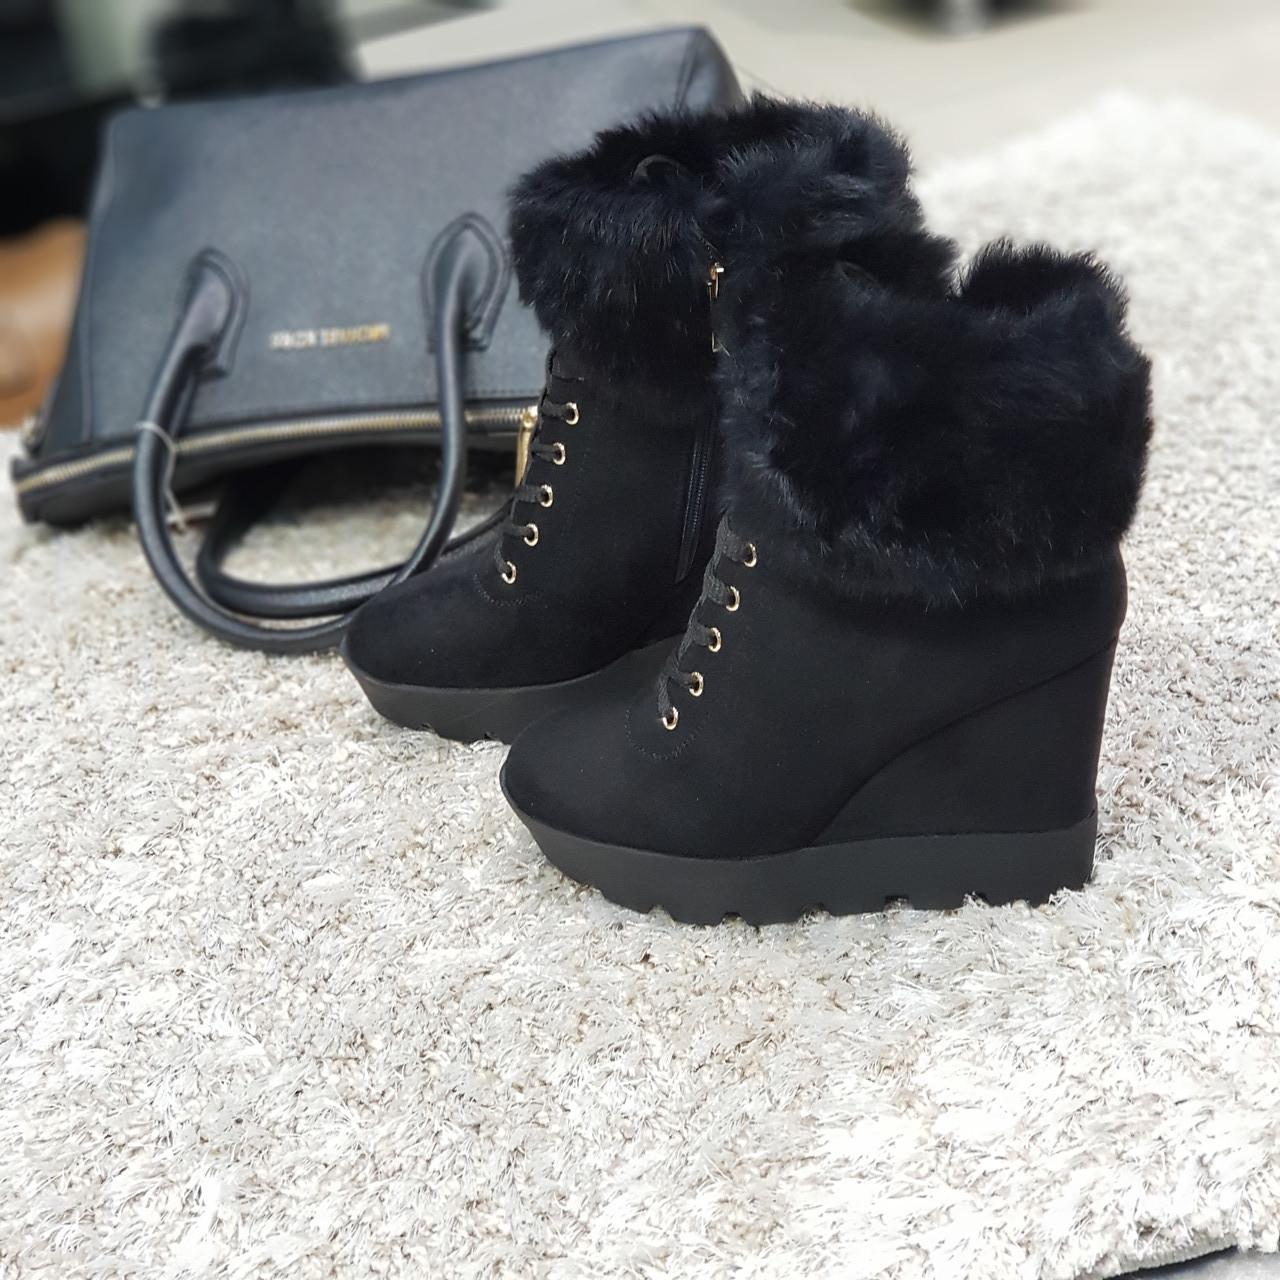 Ботинки женские зимние искусственная замша и искусственный мех черные на танкетке